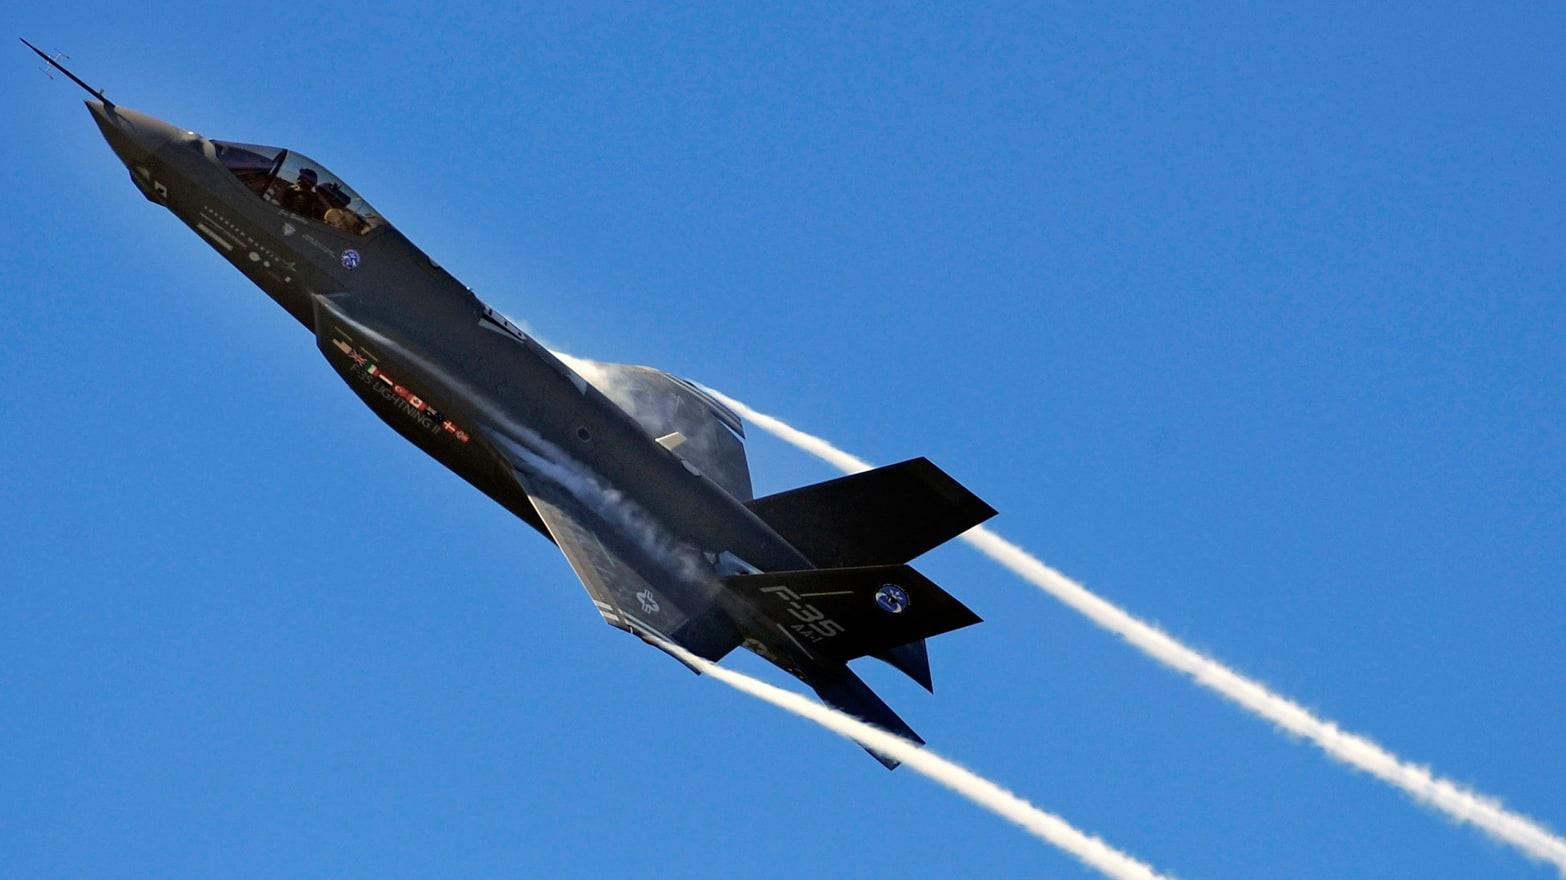 Military Admits Billion-Dollar War Toy F-35 Is F**ked